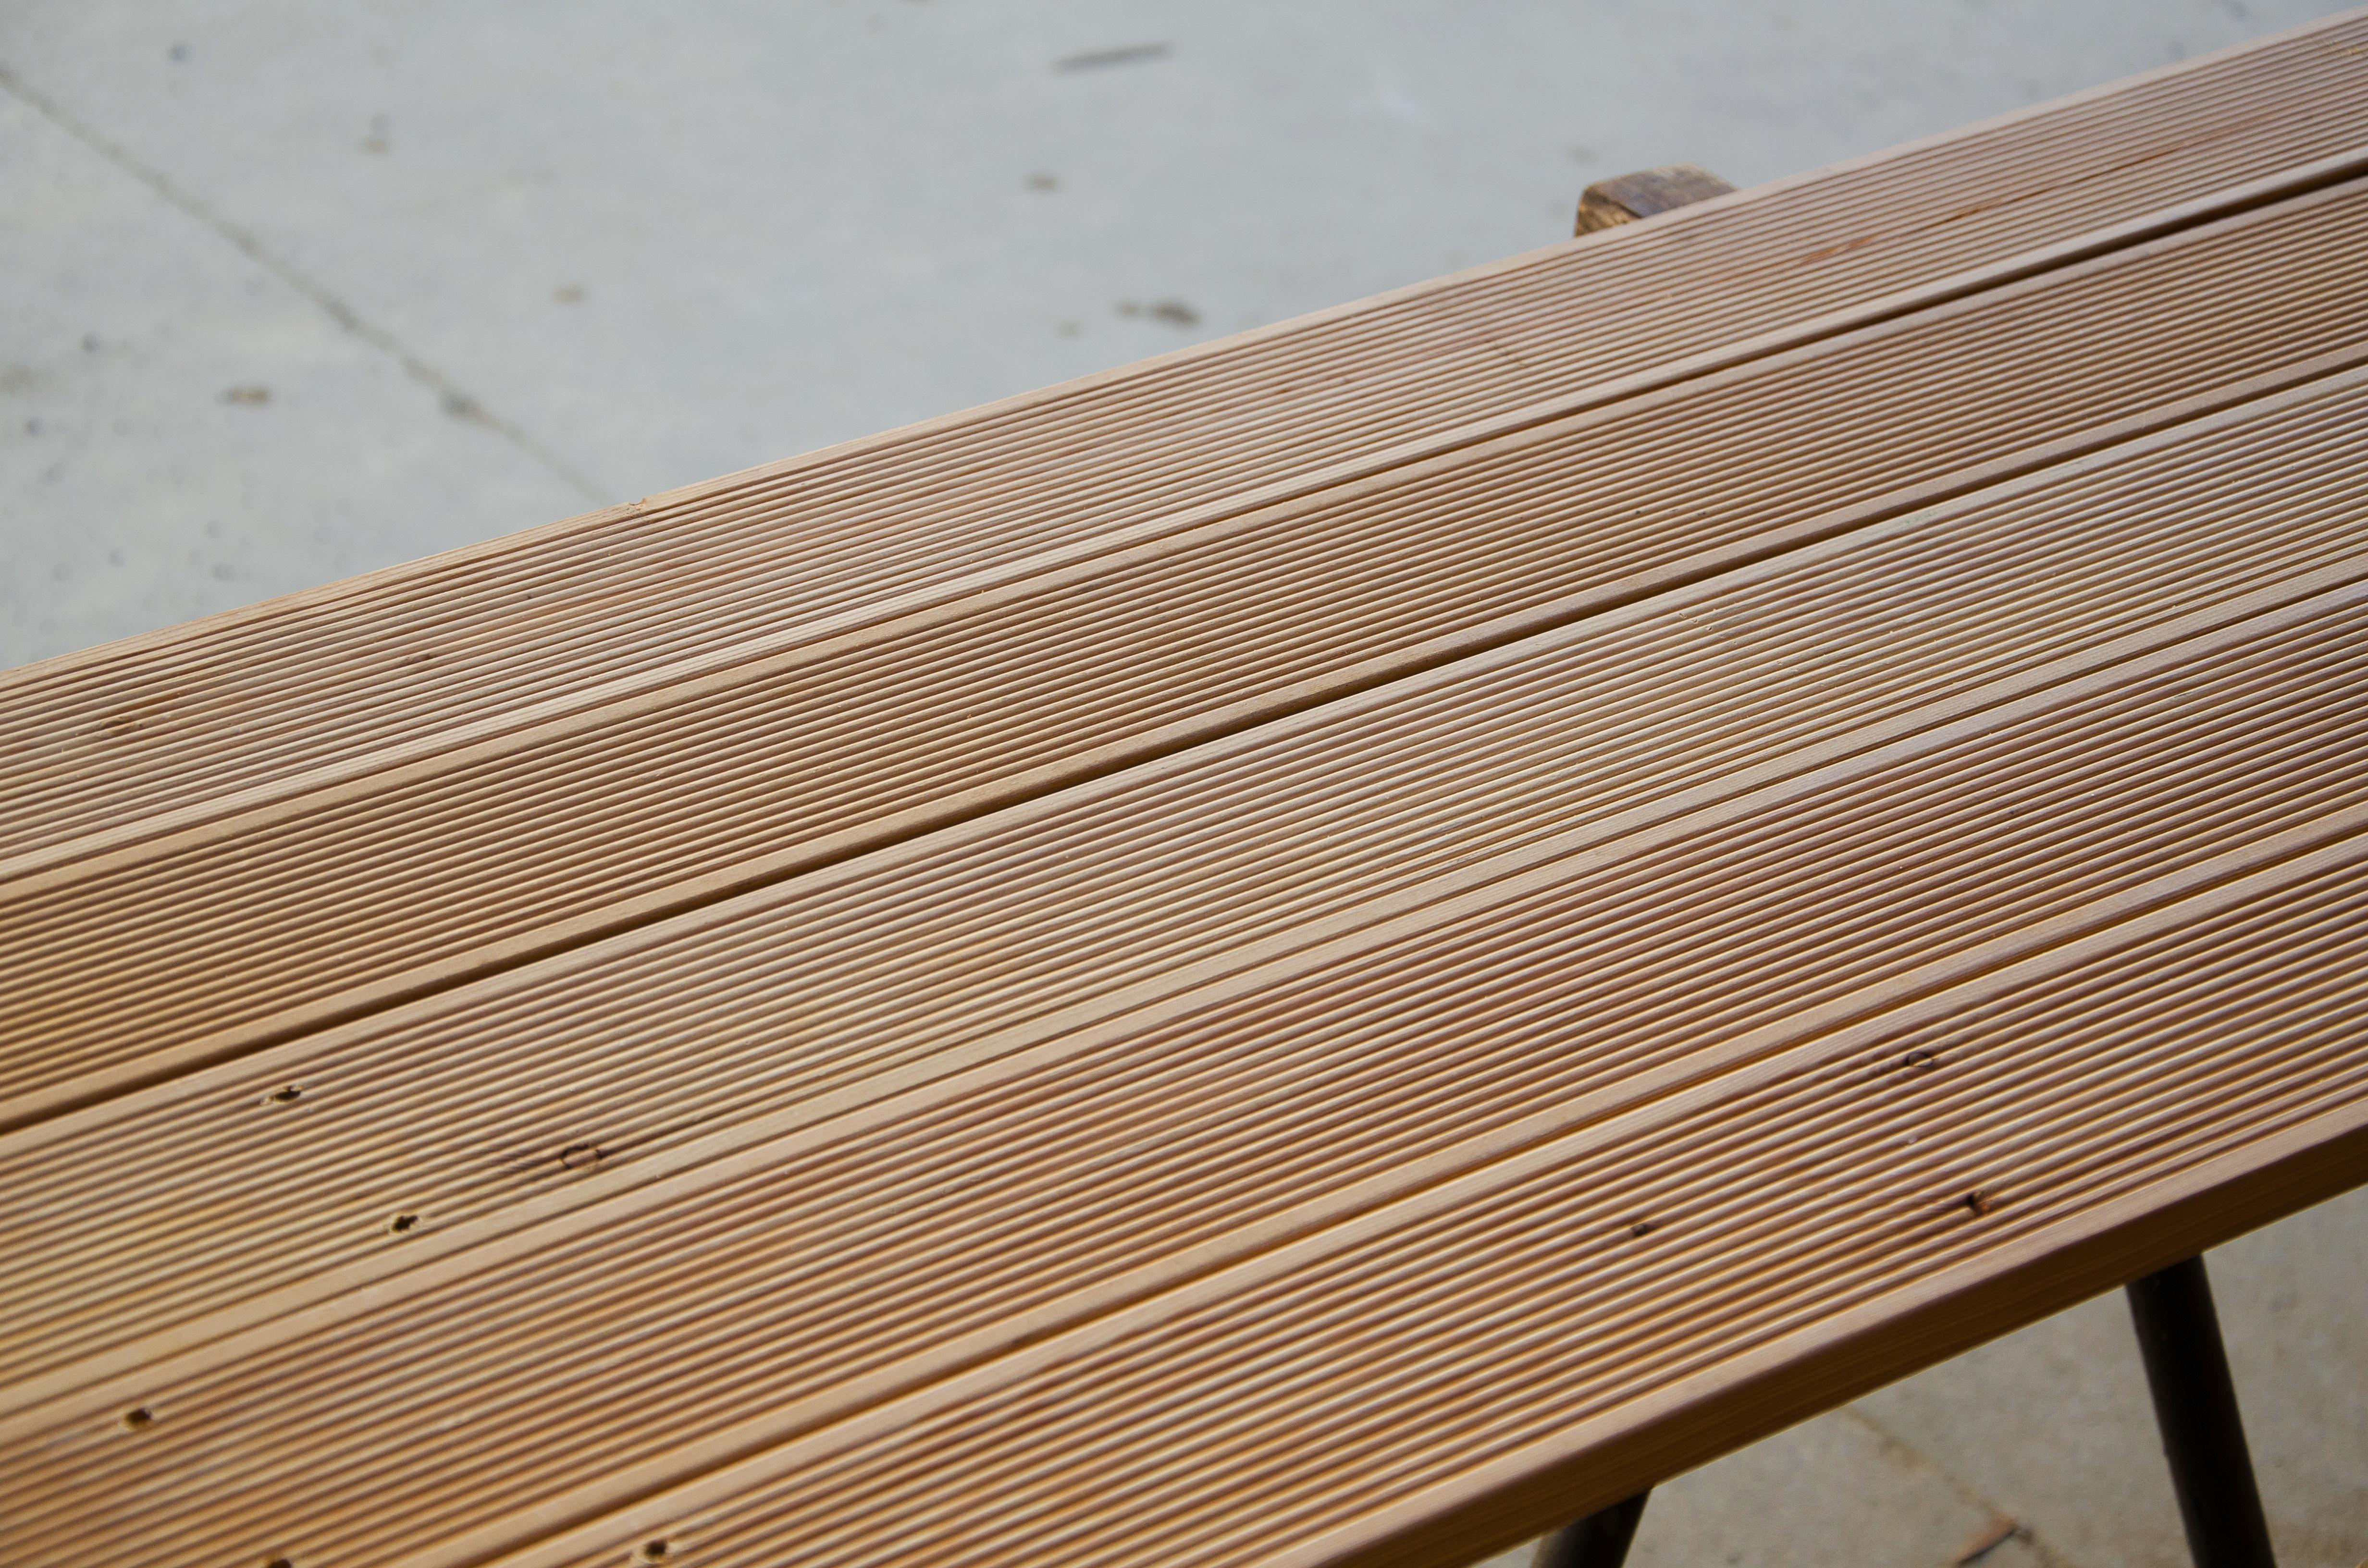 Pavimento in legno da esterno decking larice siberiano ebay - Pavimento in legno da esterno ...